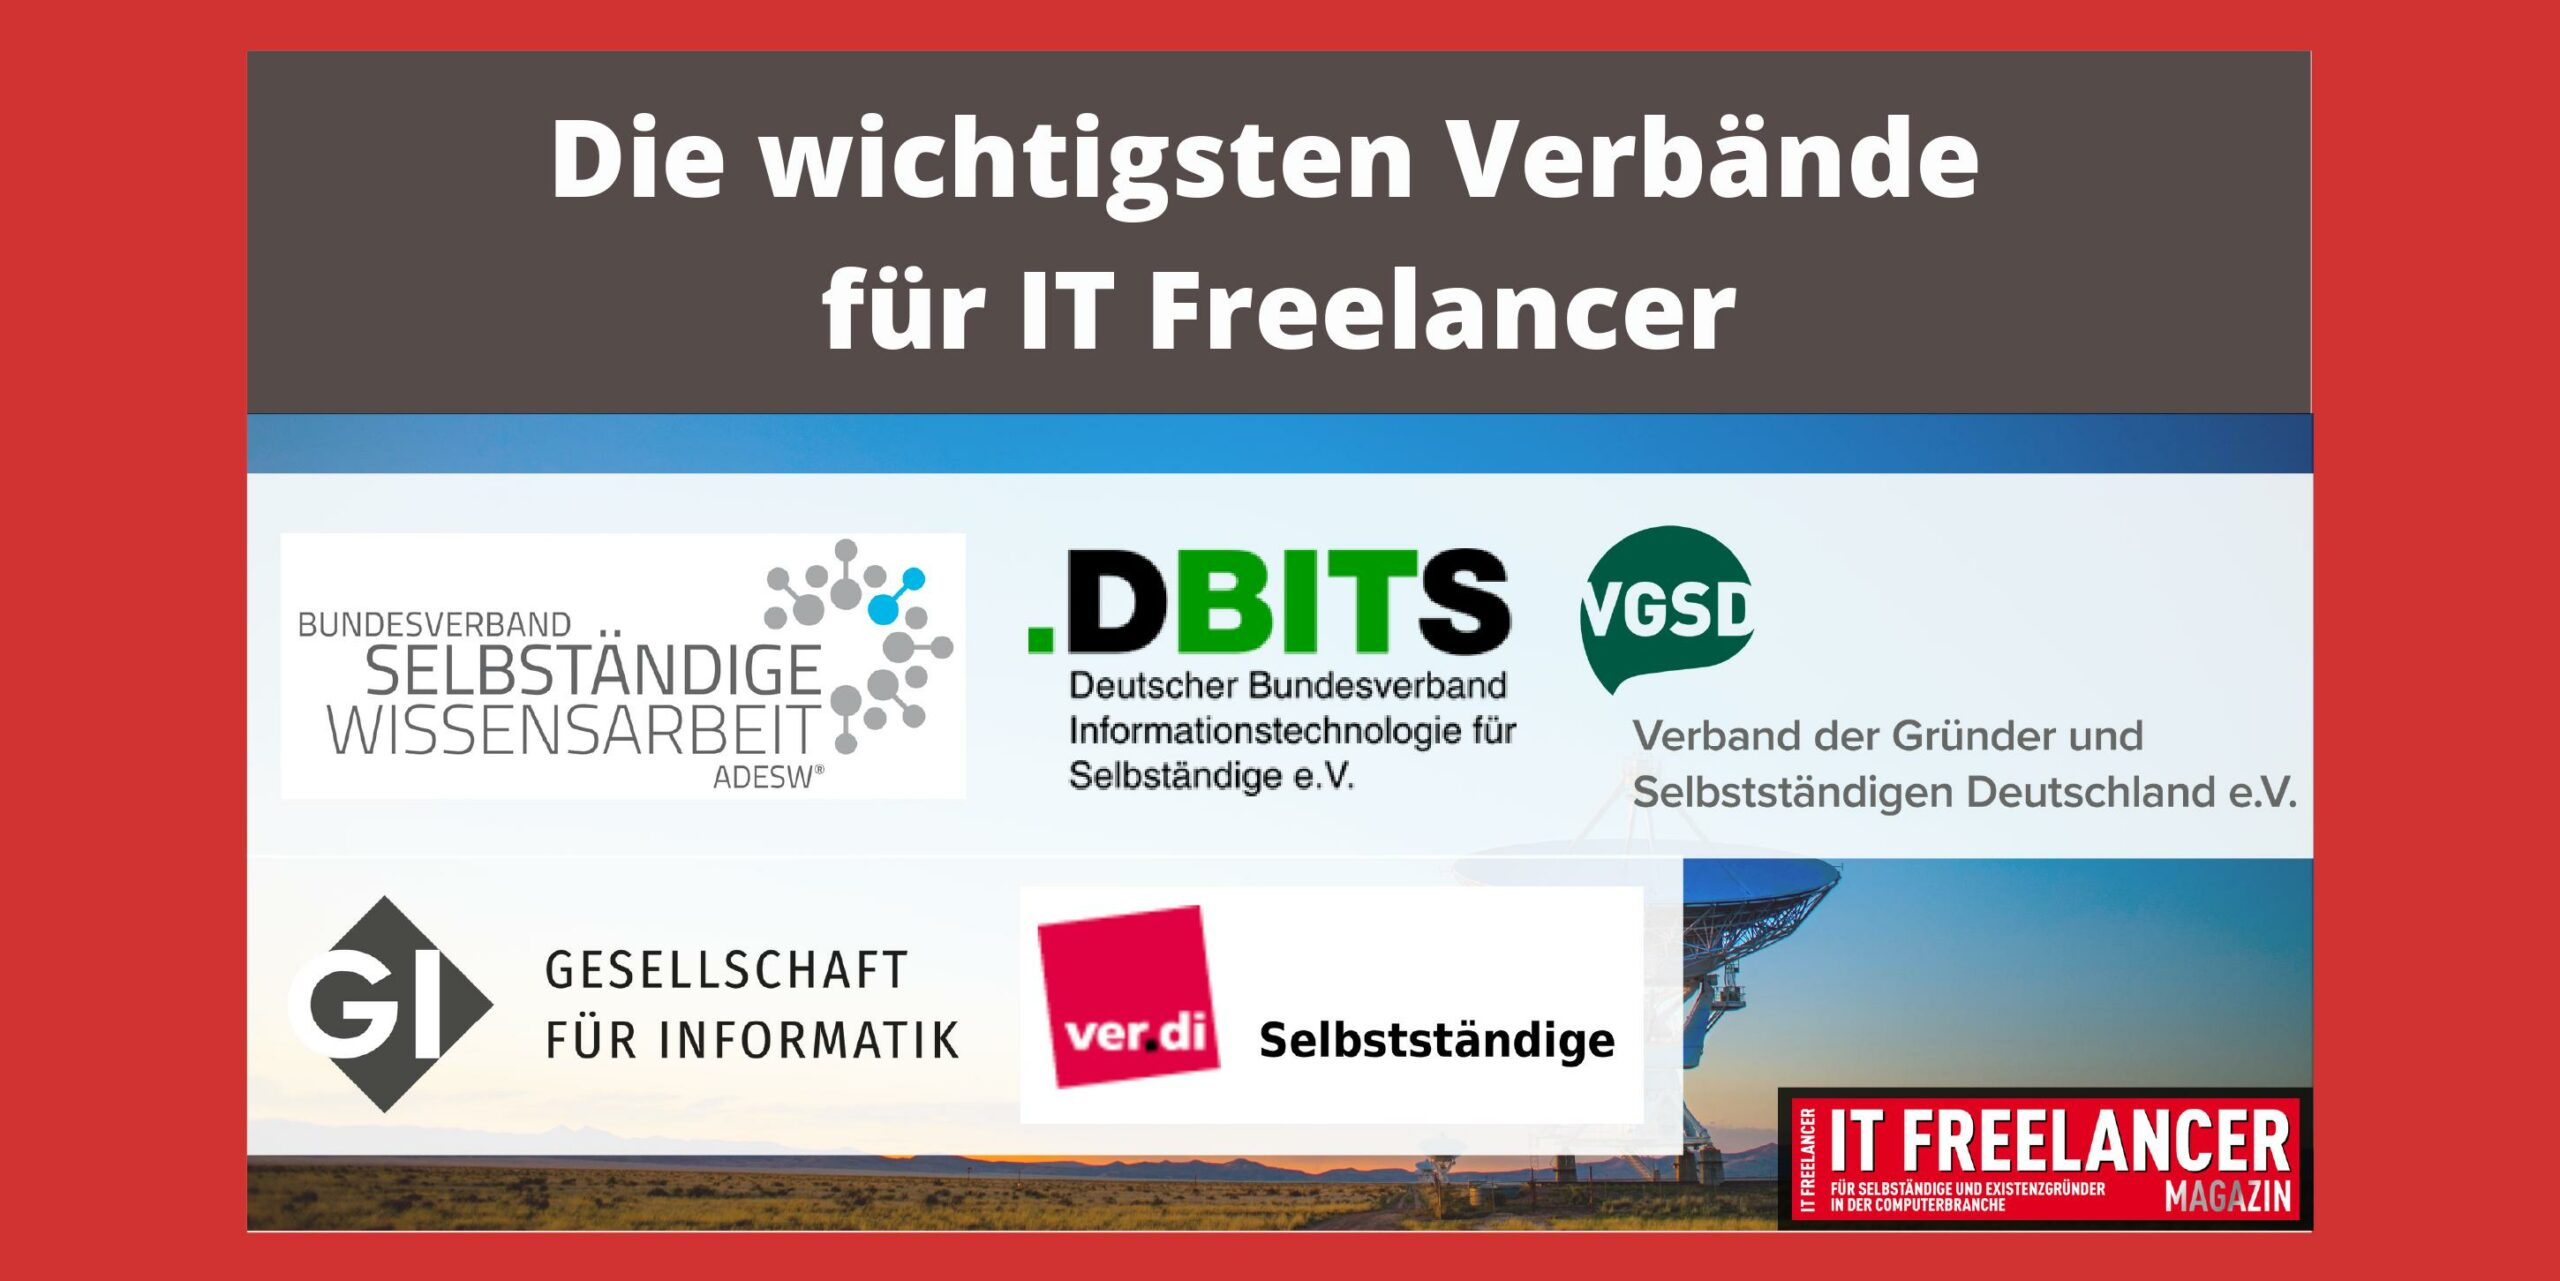 Verbände für IT Freelancer